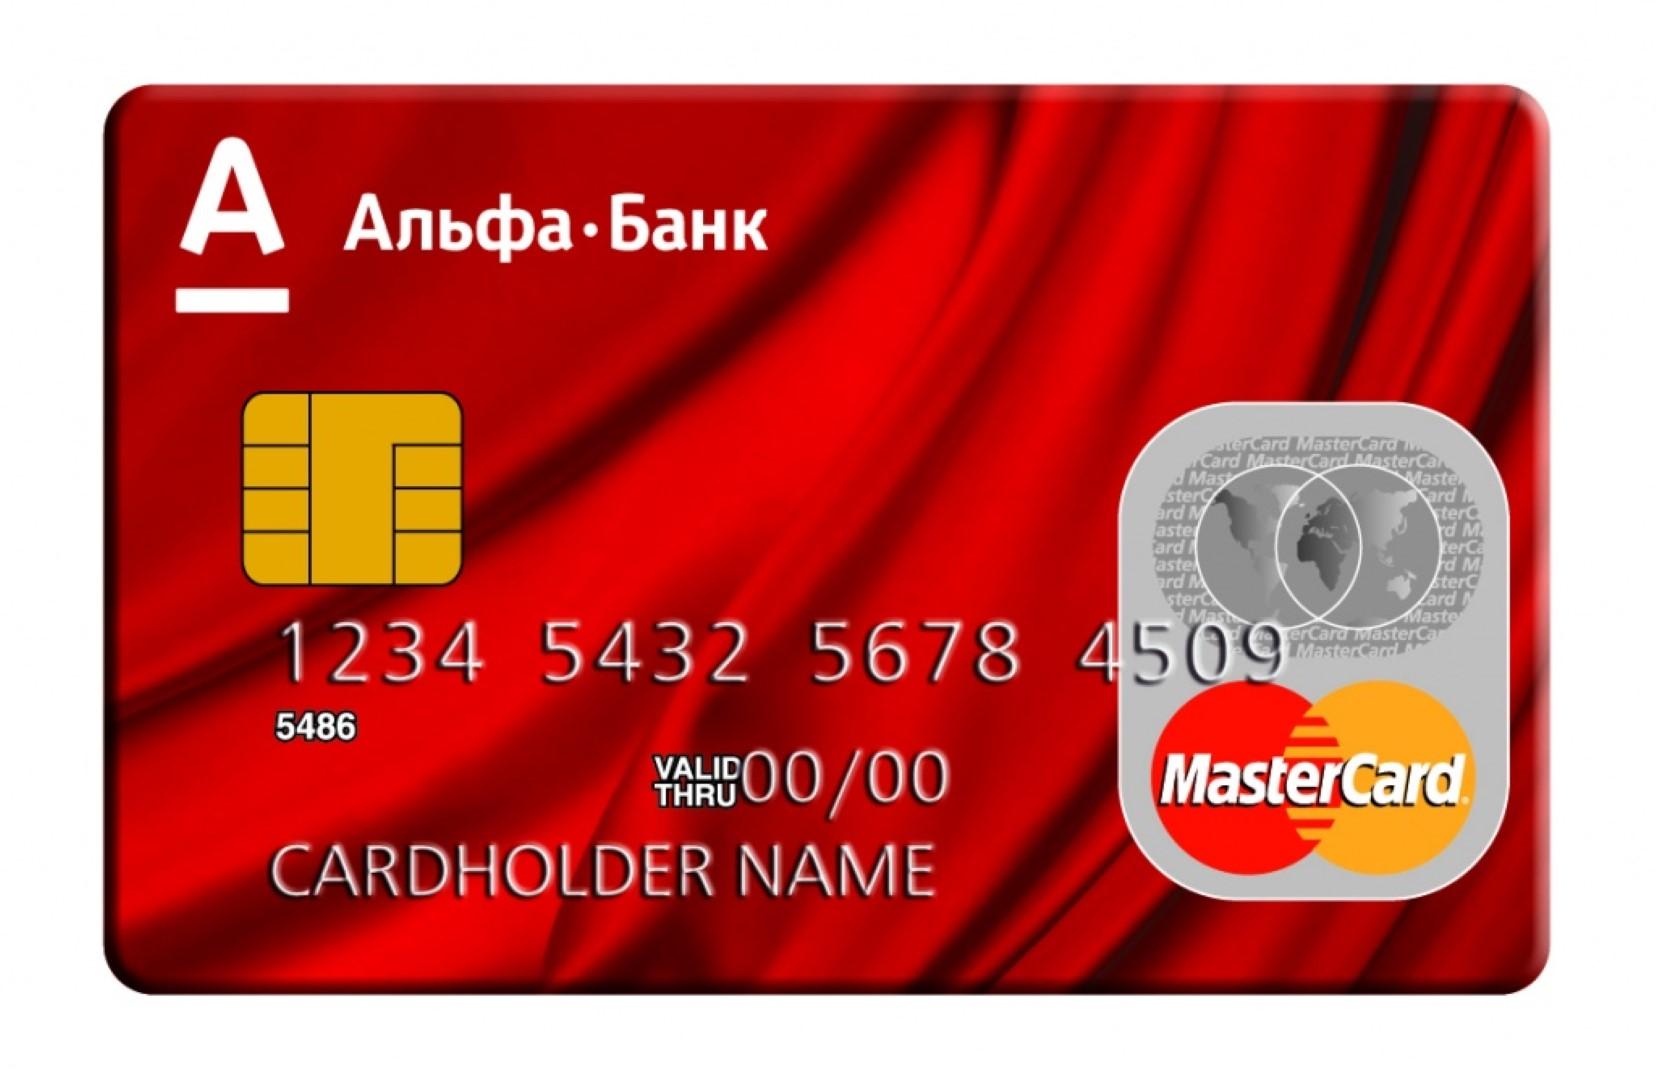 Как активировать кредитную карту Альфа банка